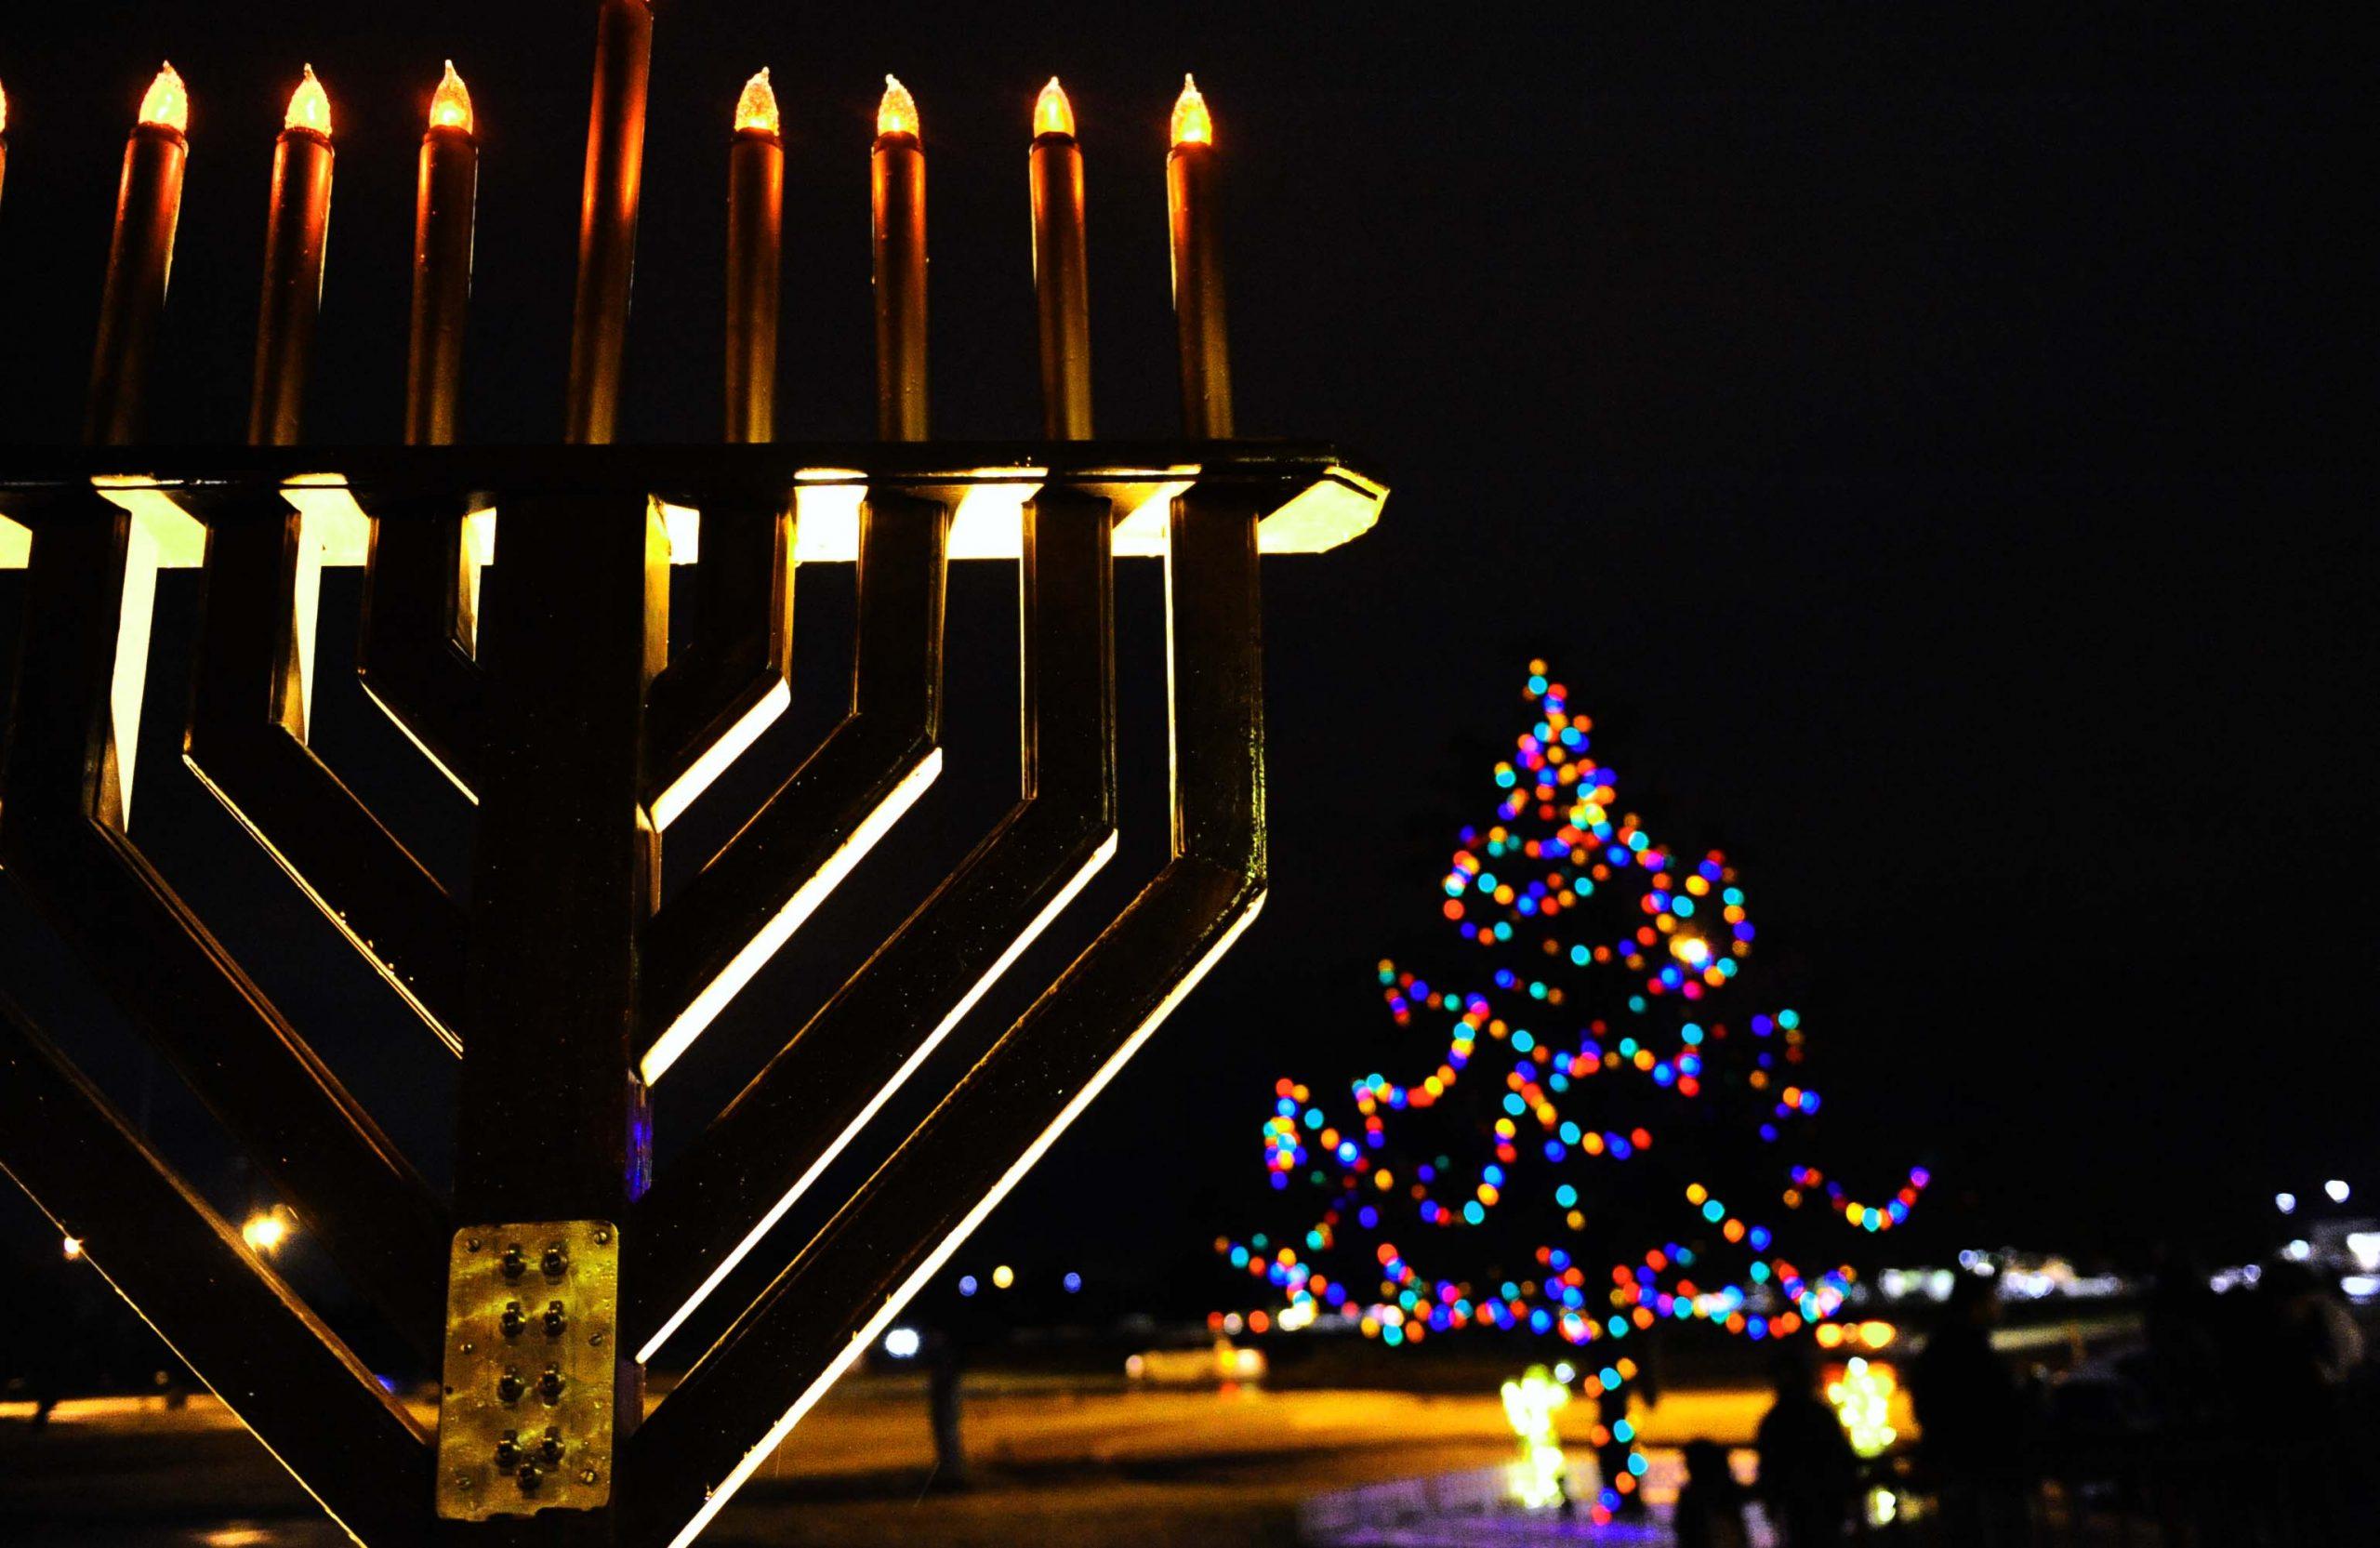 Boas Festas: Feliz Natal, Feliz Chanuká e Feliz Ano-2020